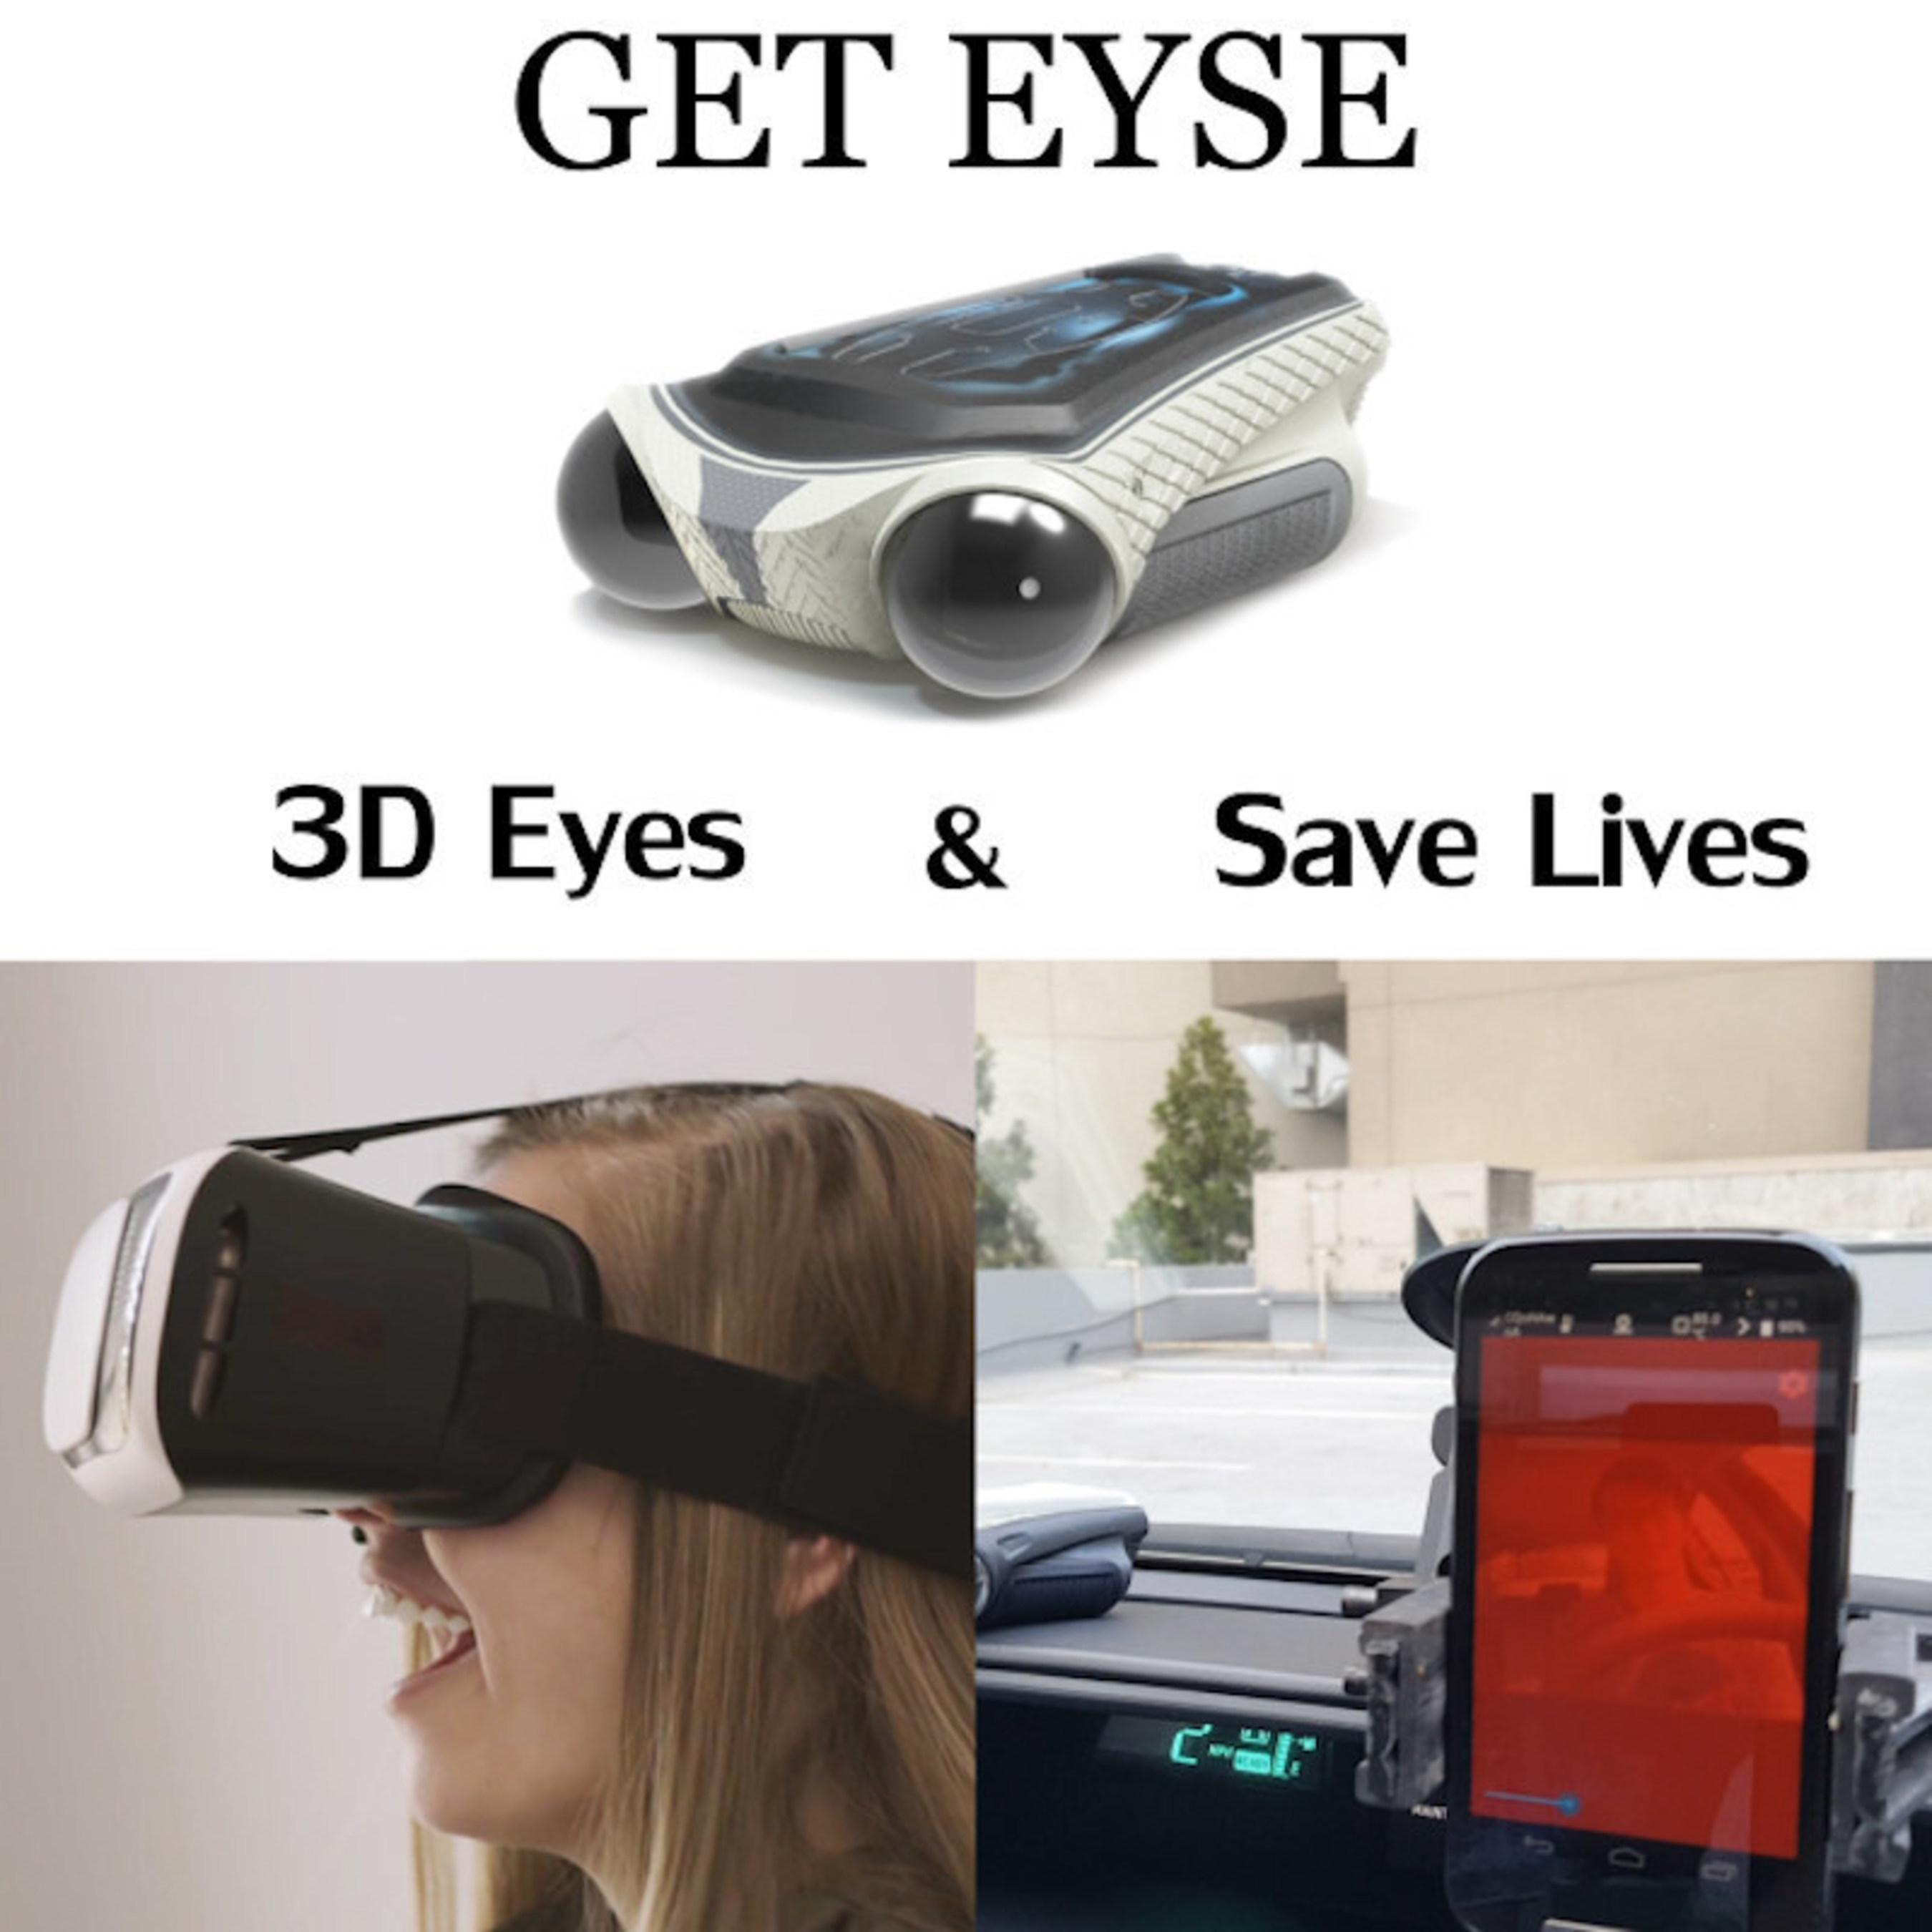 Get EYSE